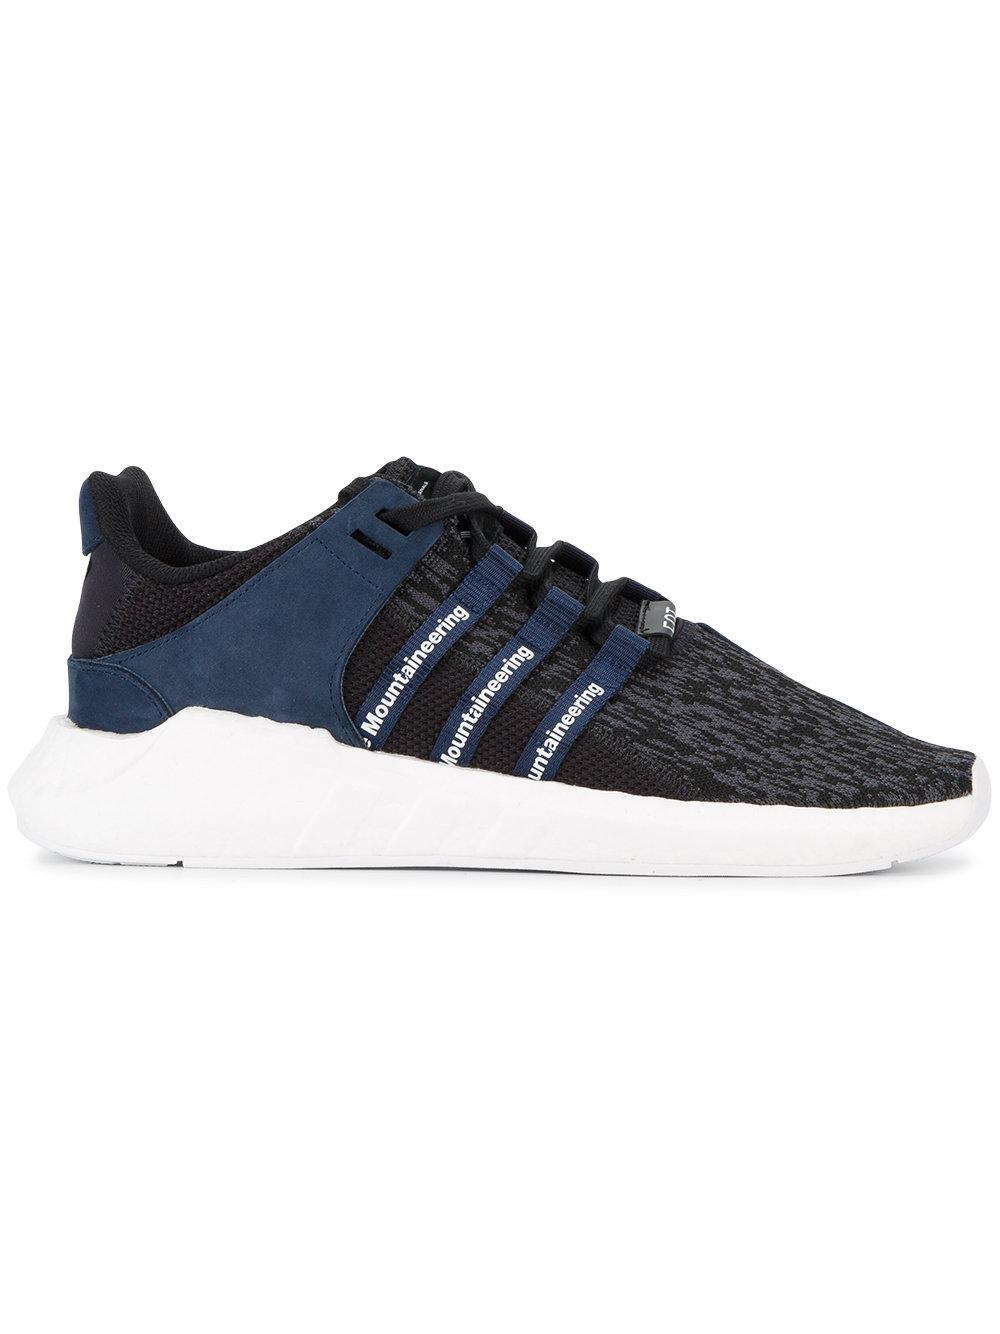 eb1eb265a622 ADIDAS X WHITE MOUNTAINEERING. Adidas Adidas X White Mountaineering Eqt  Support Future Sneakers - Blue